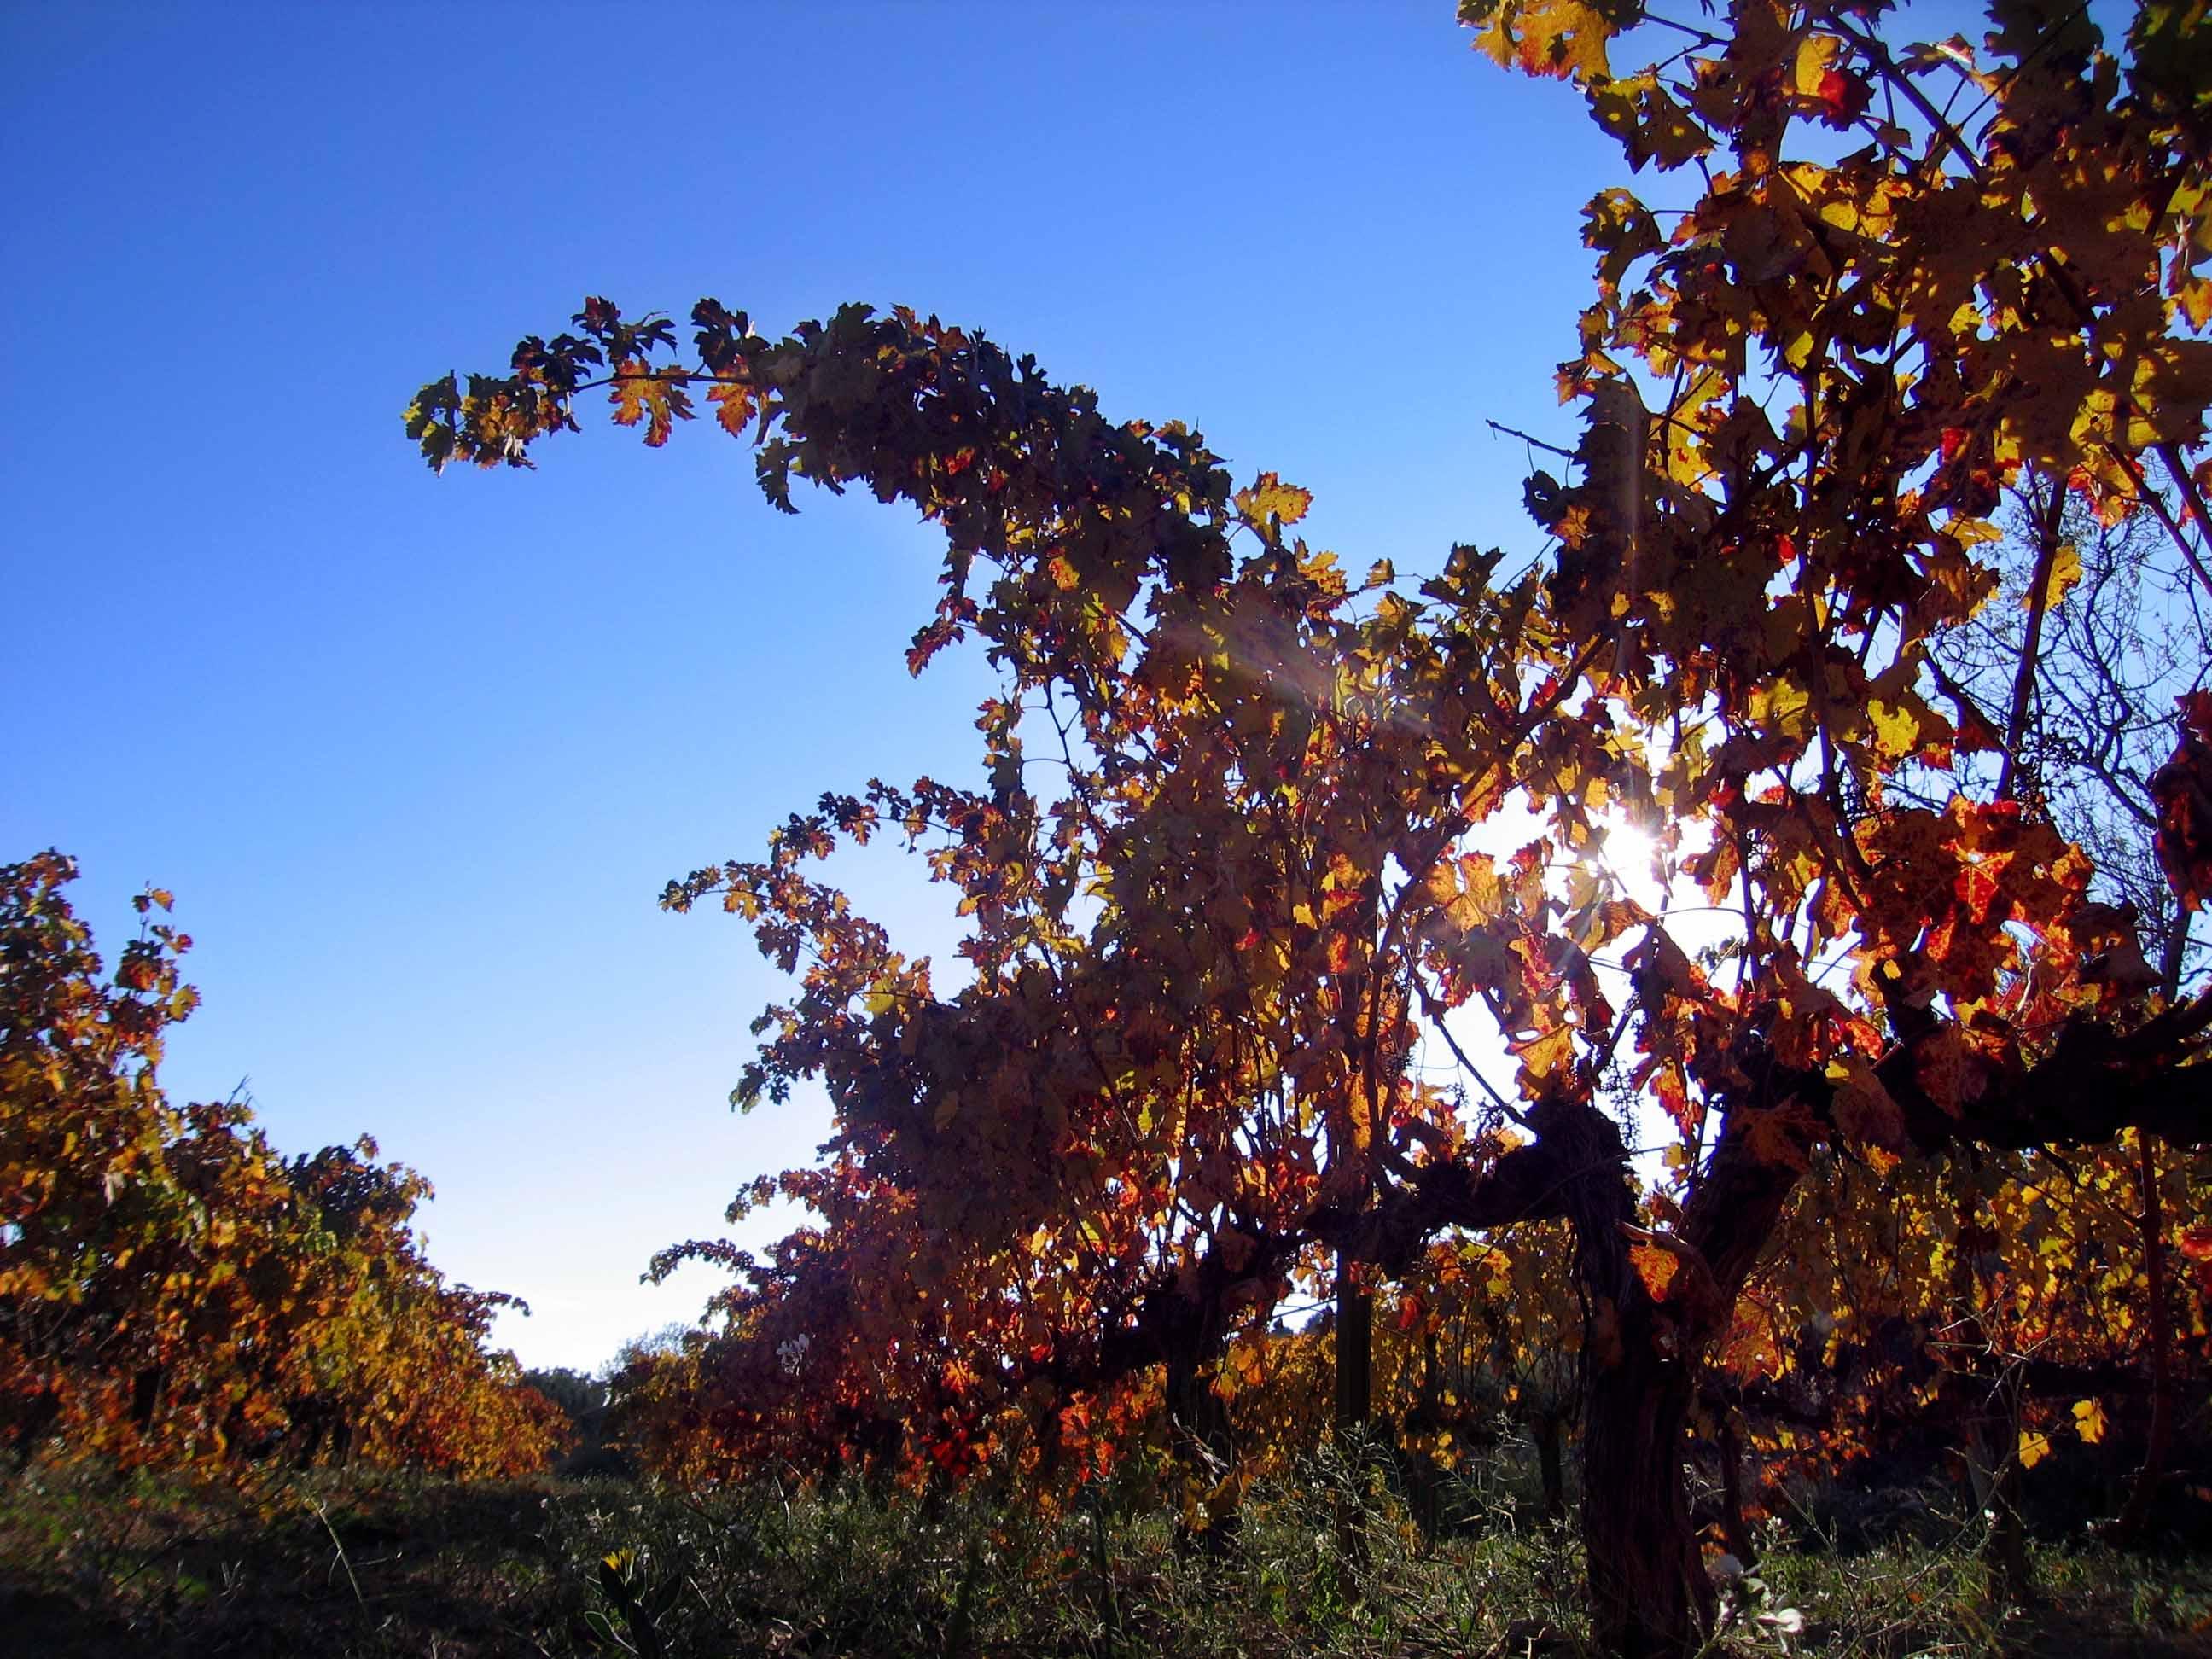 druiven november